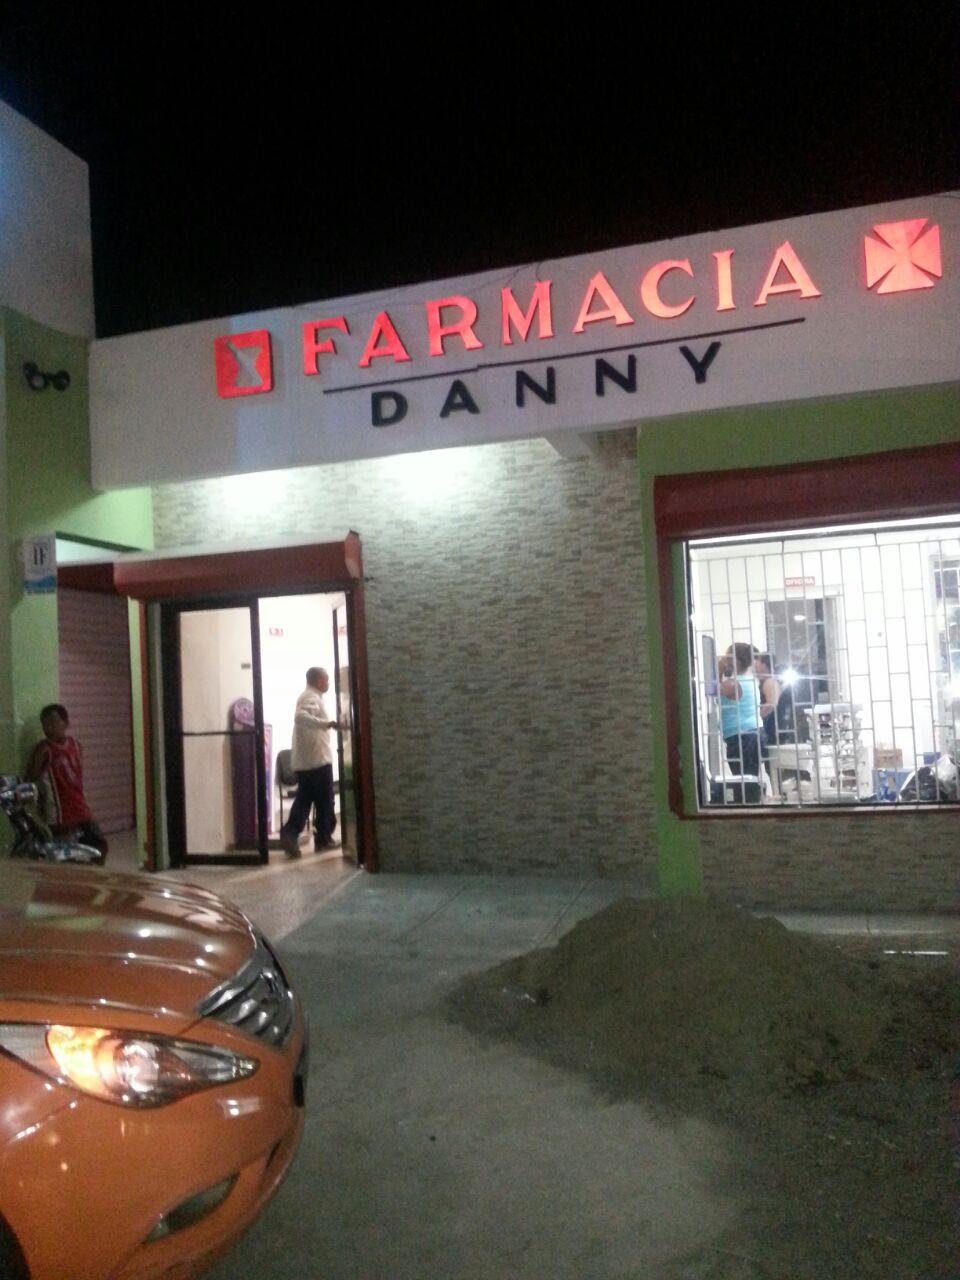 Ladrones Atracan Farmacia Danny en Navarrete y Salen como nada.